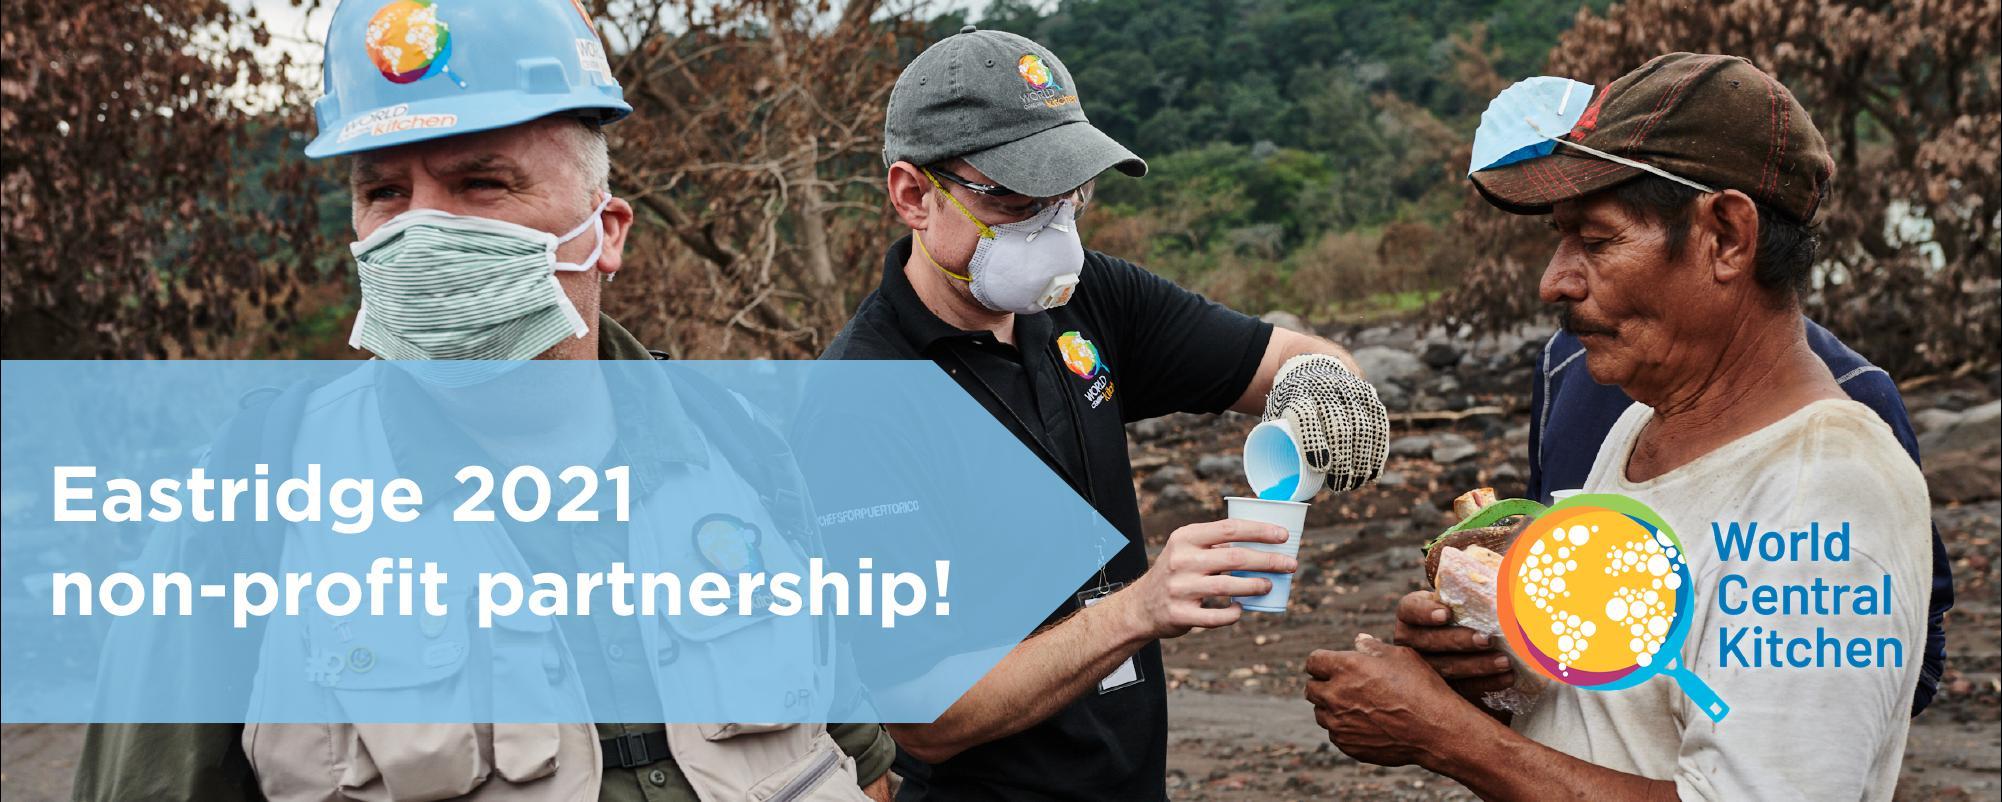 Eastridge 2021 non-profit partnership!